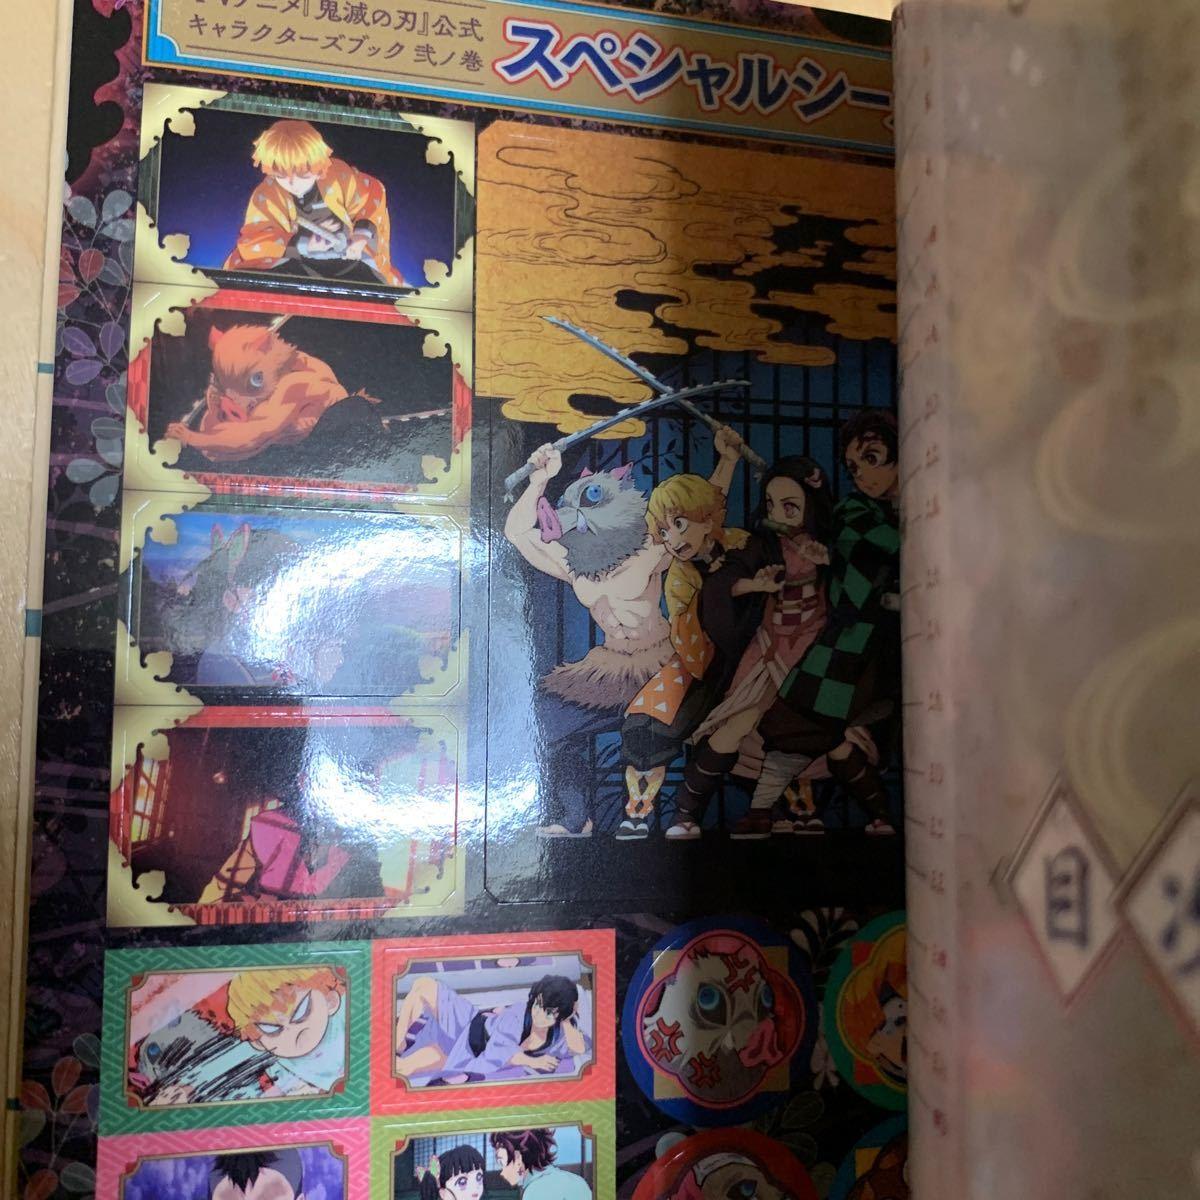 鬼滅の刃 公式キャラクターズブック弍の巻